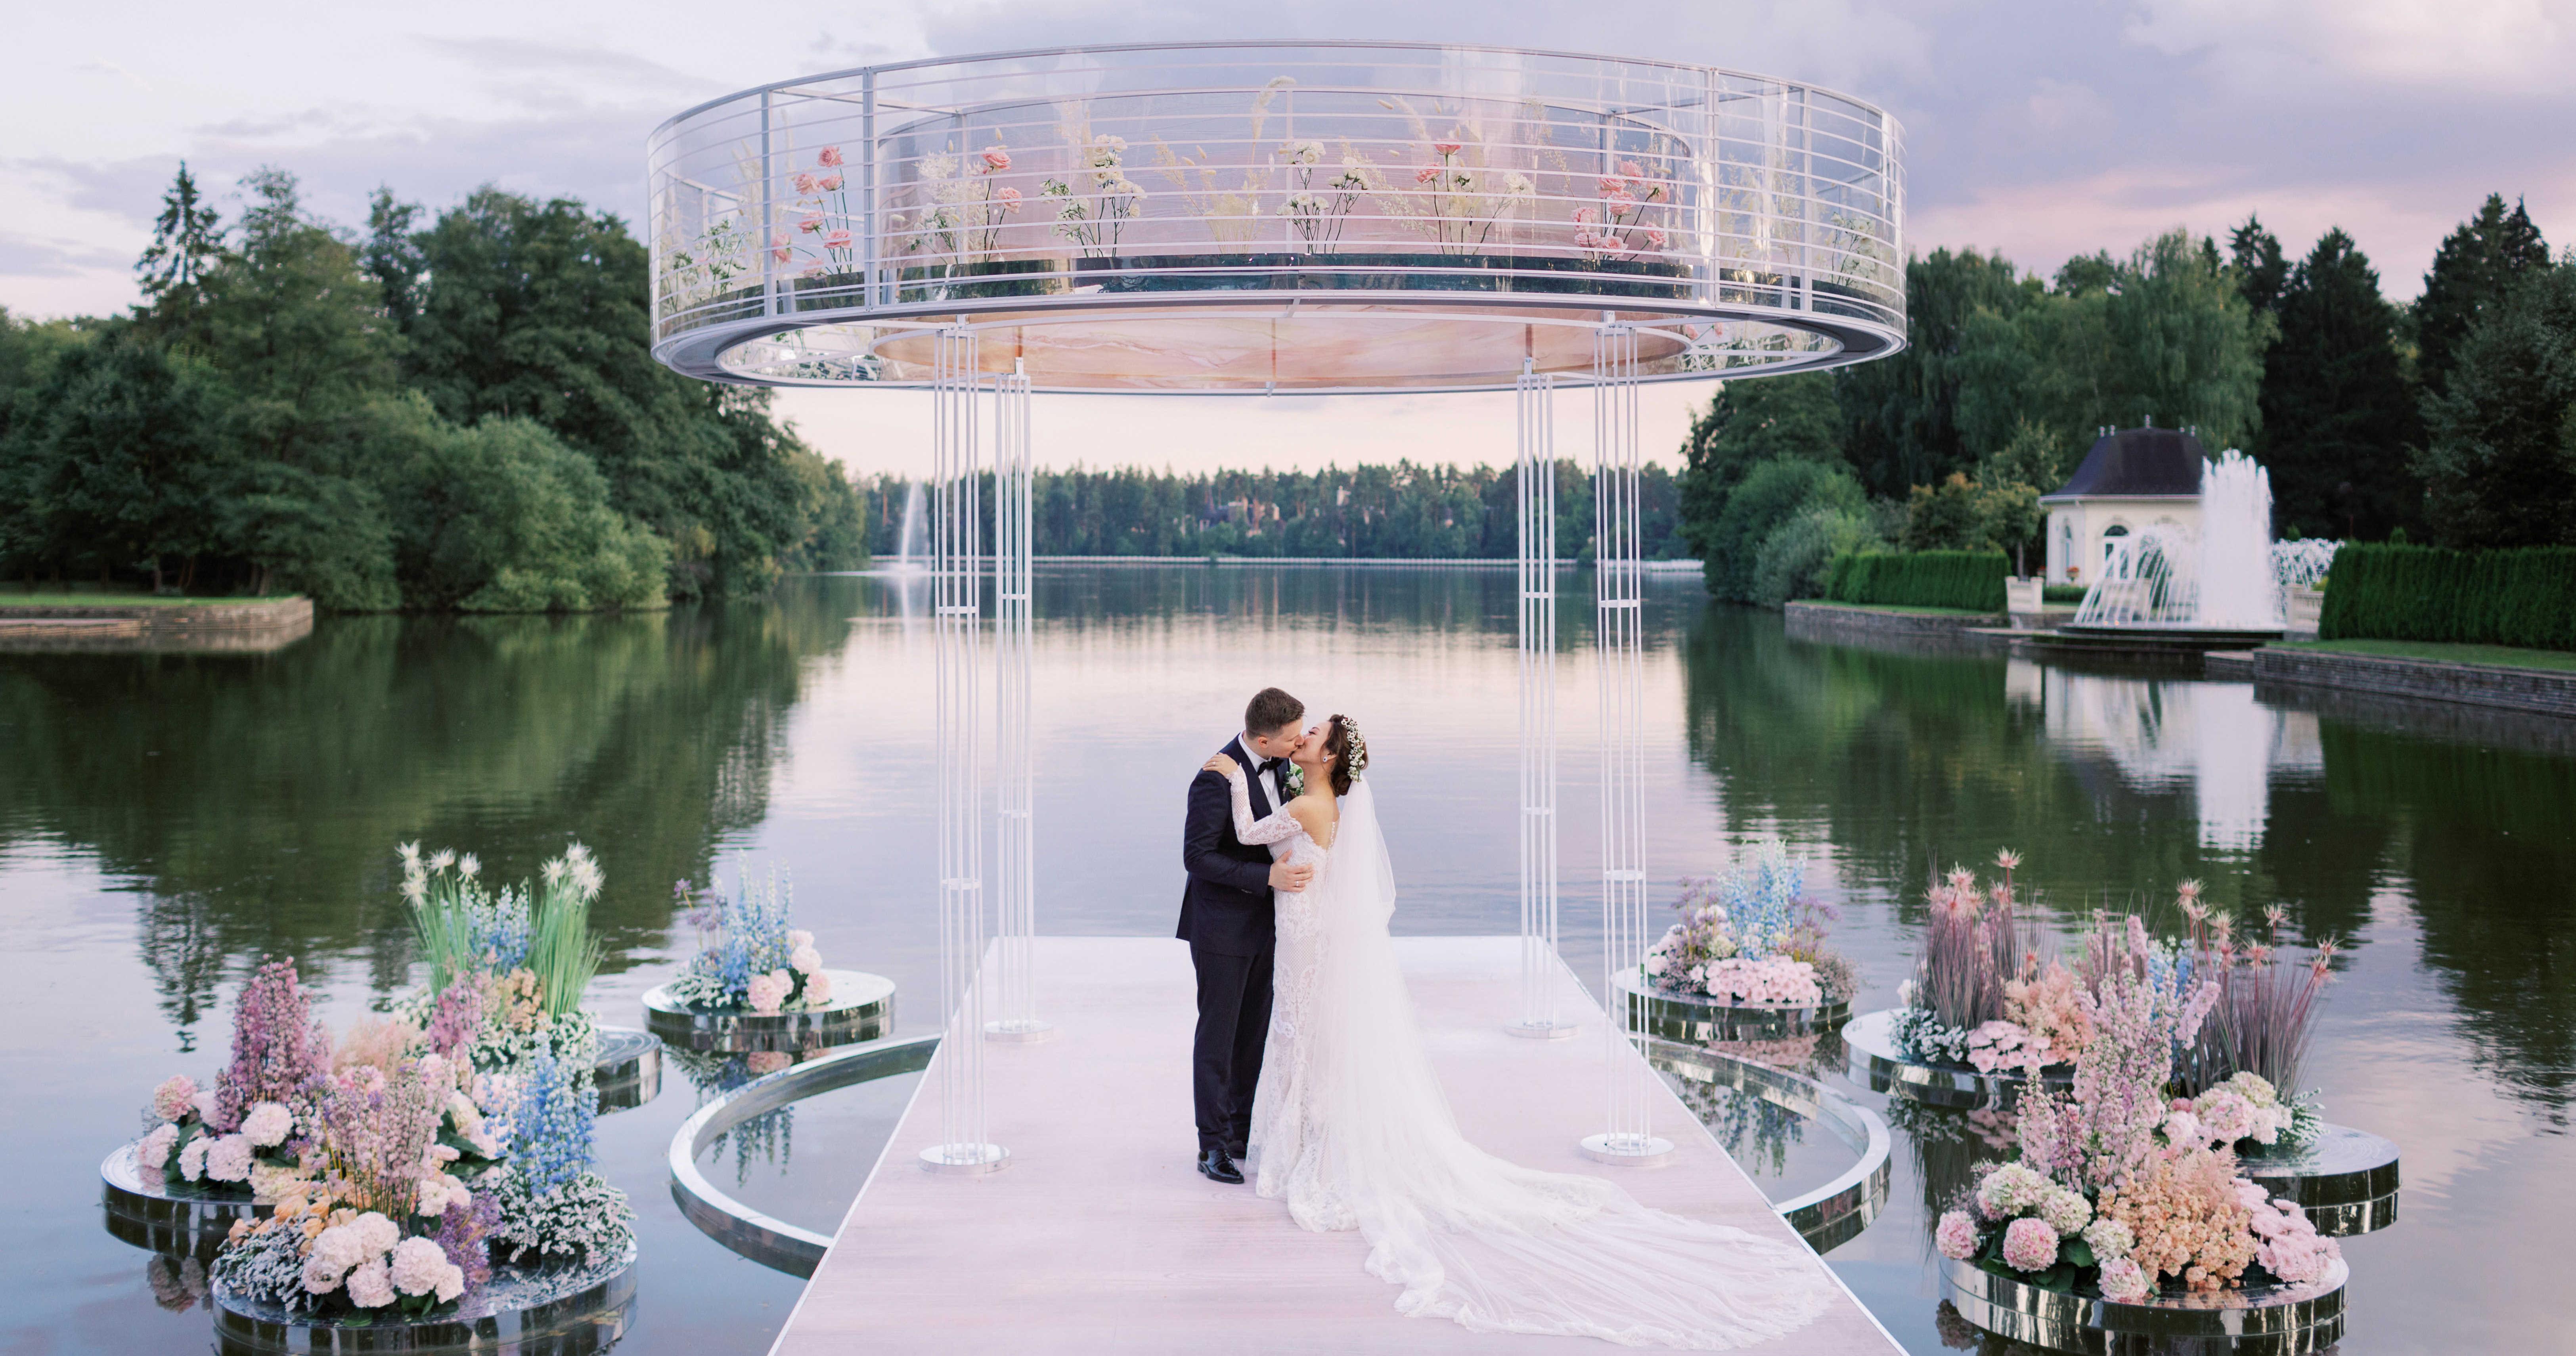 Свадебная церемония на воде в окружении цветов